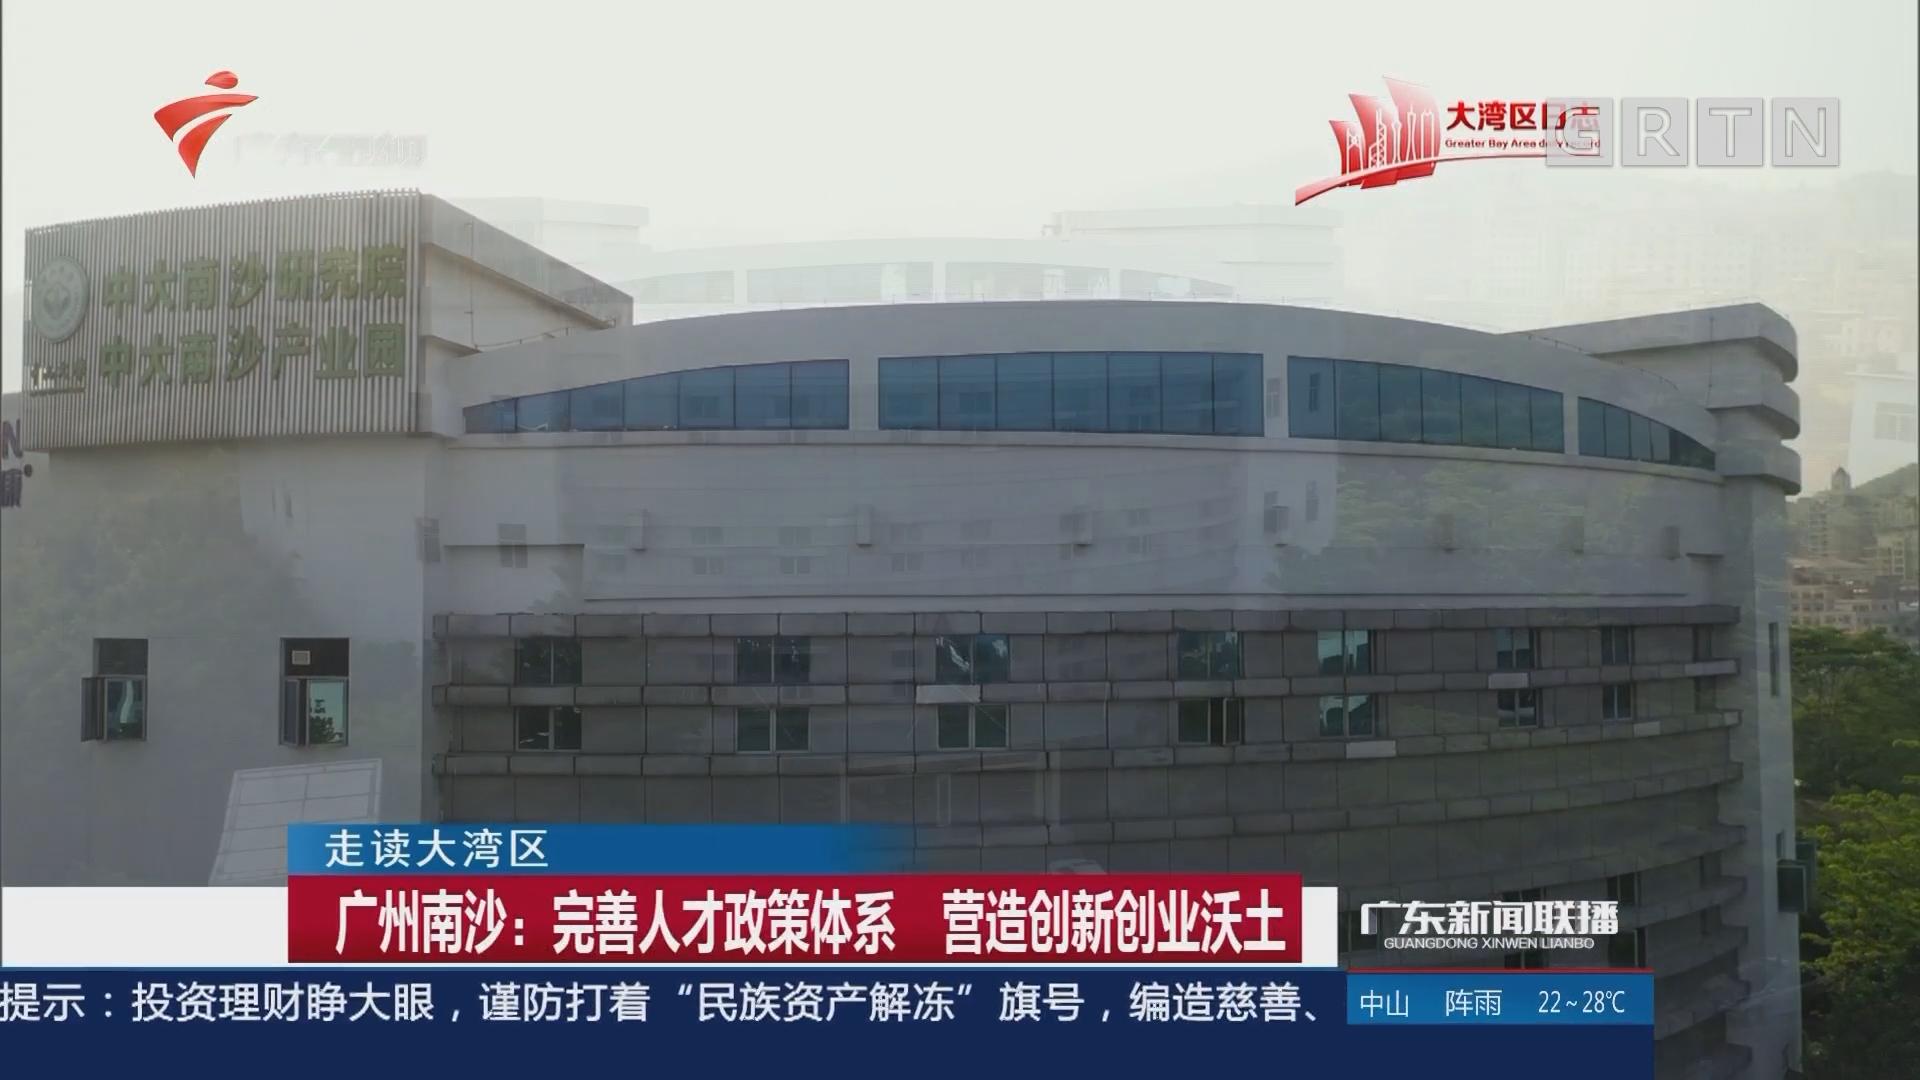 广州南沙:完善人才政策体系 营造创新创业沃土